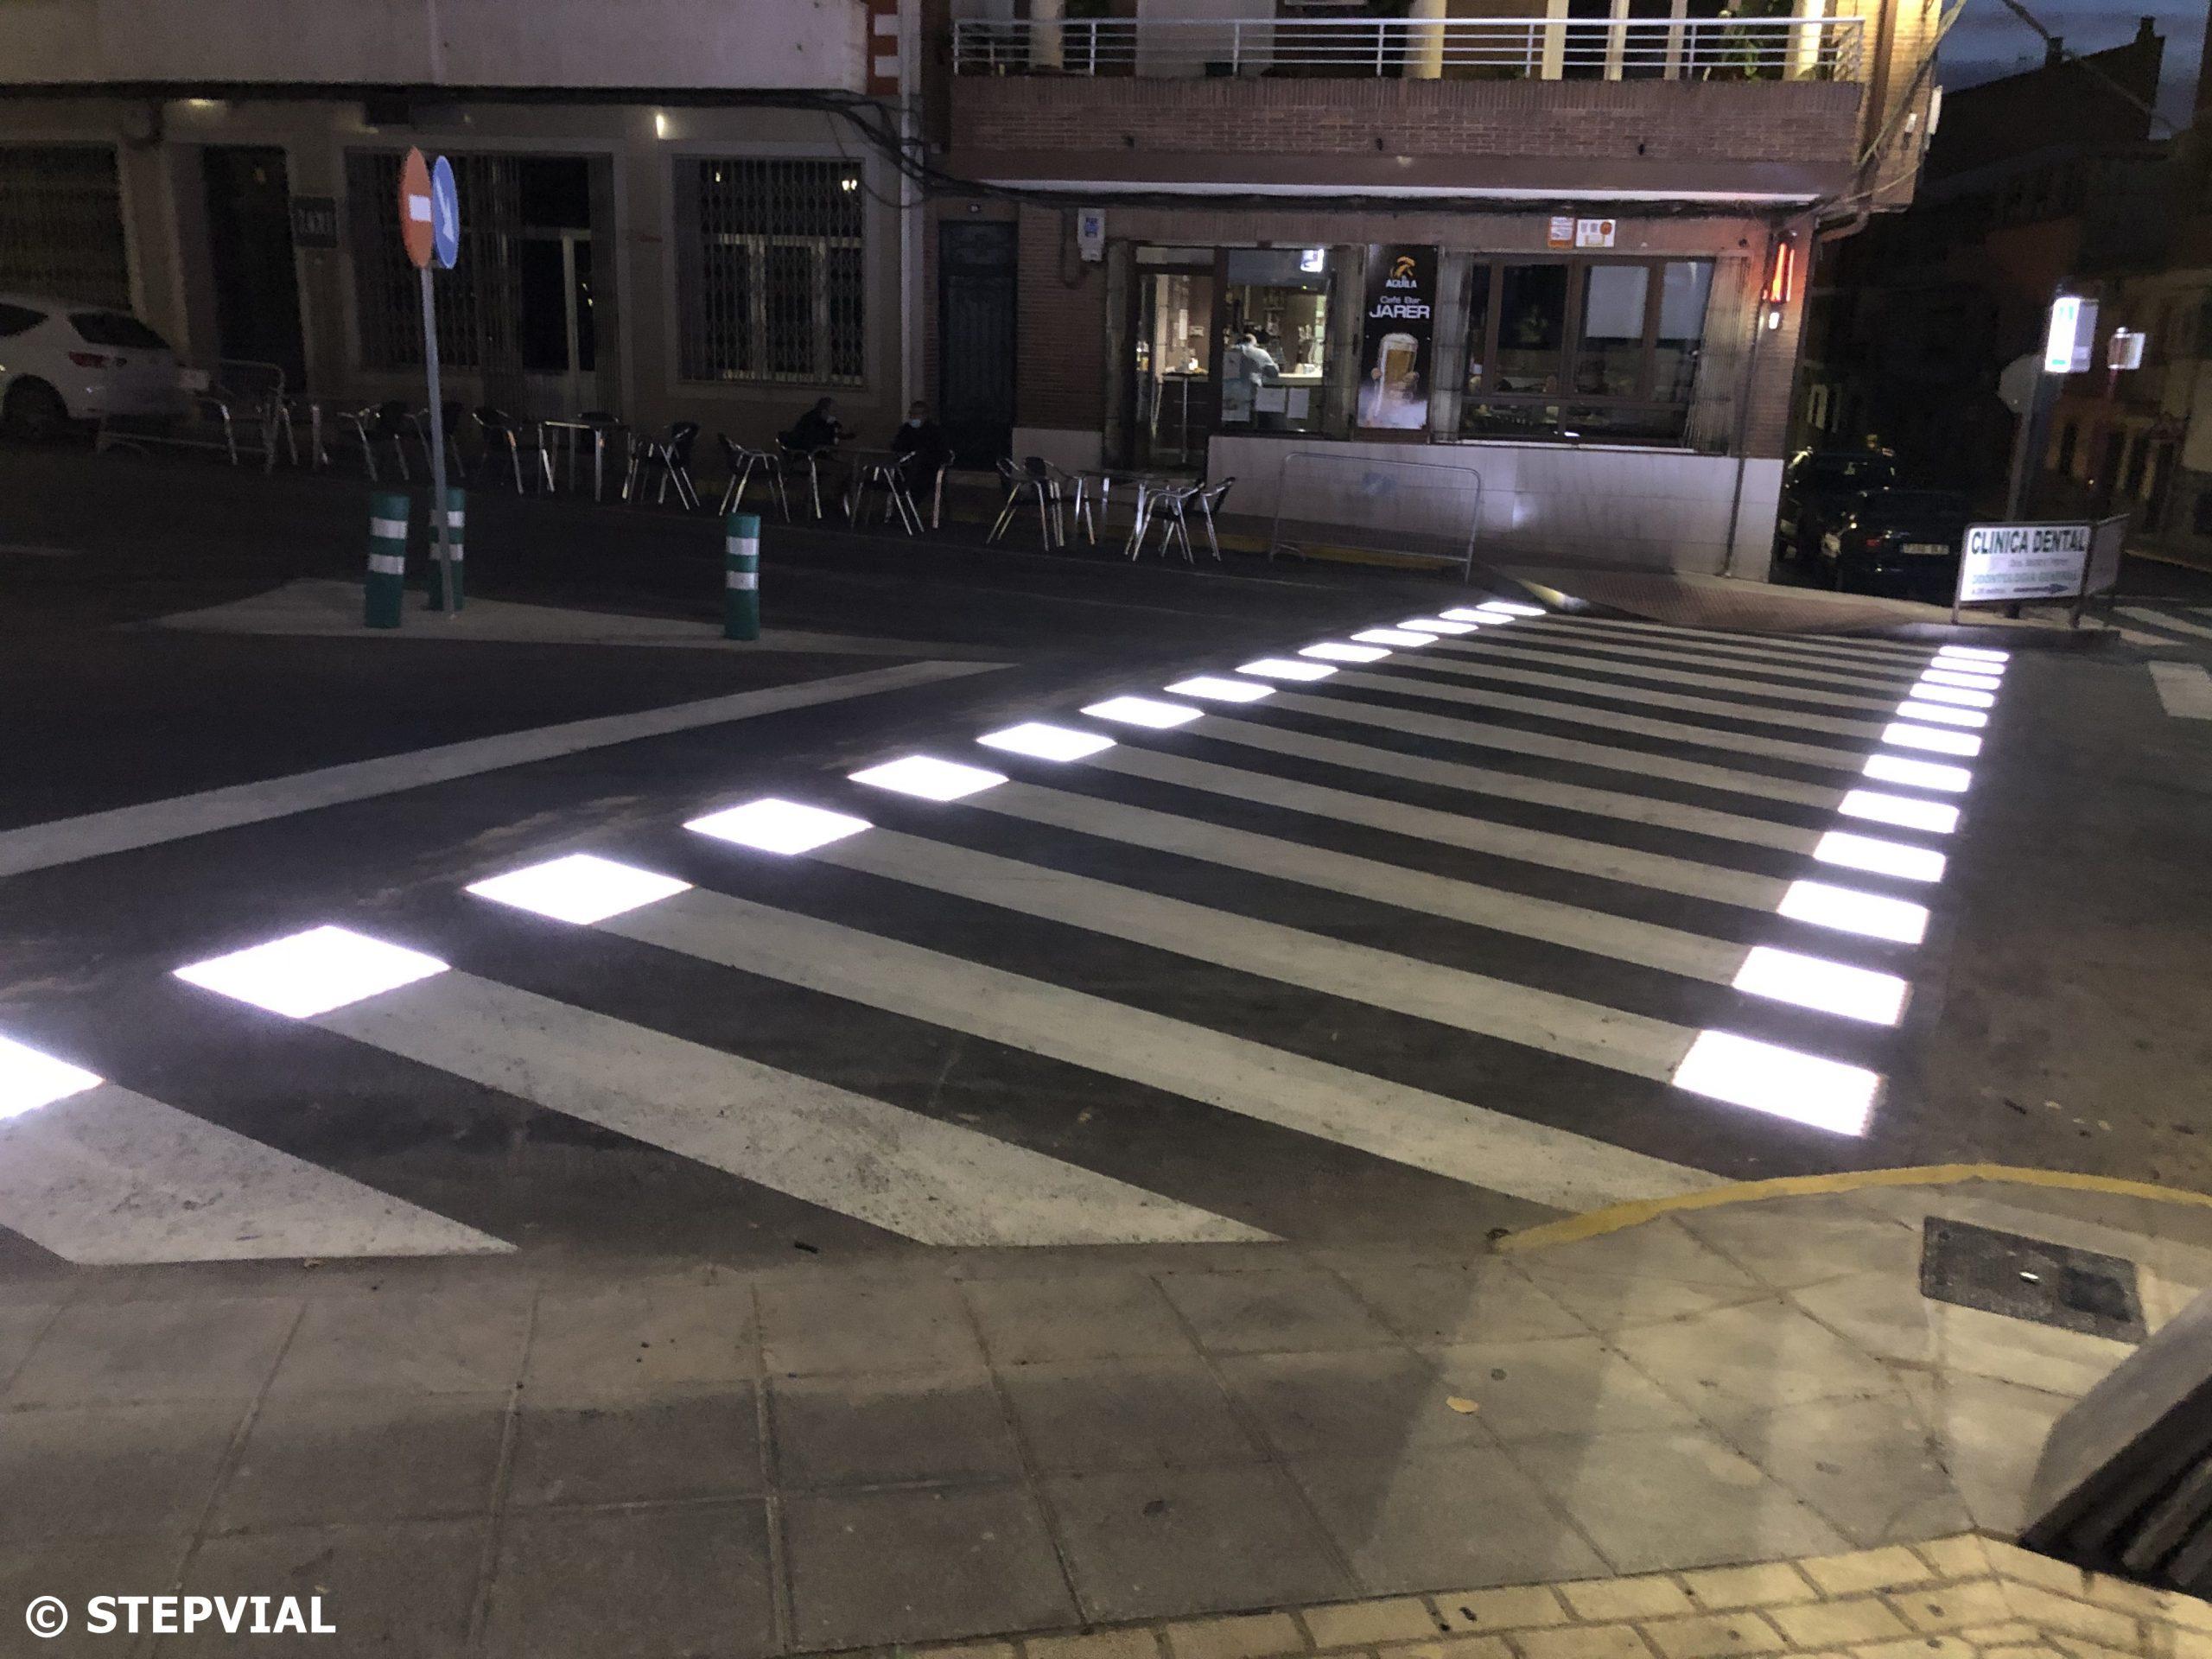 Paso de Peatones Inteligente Malpartida de Plasencia - Cáceres